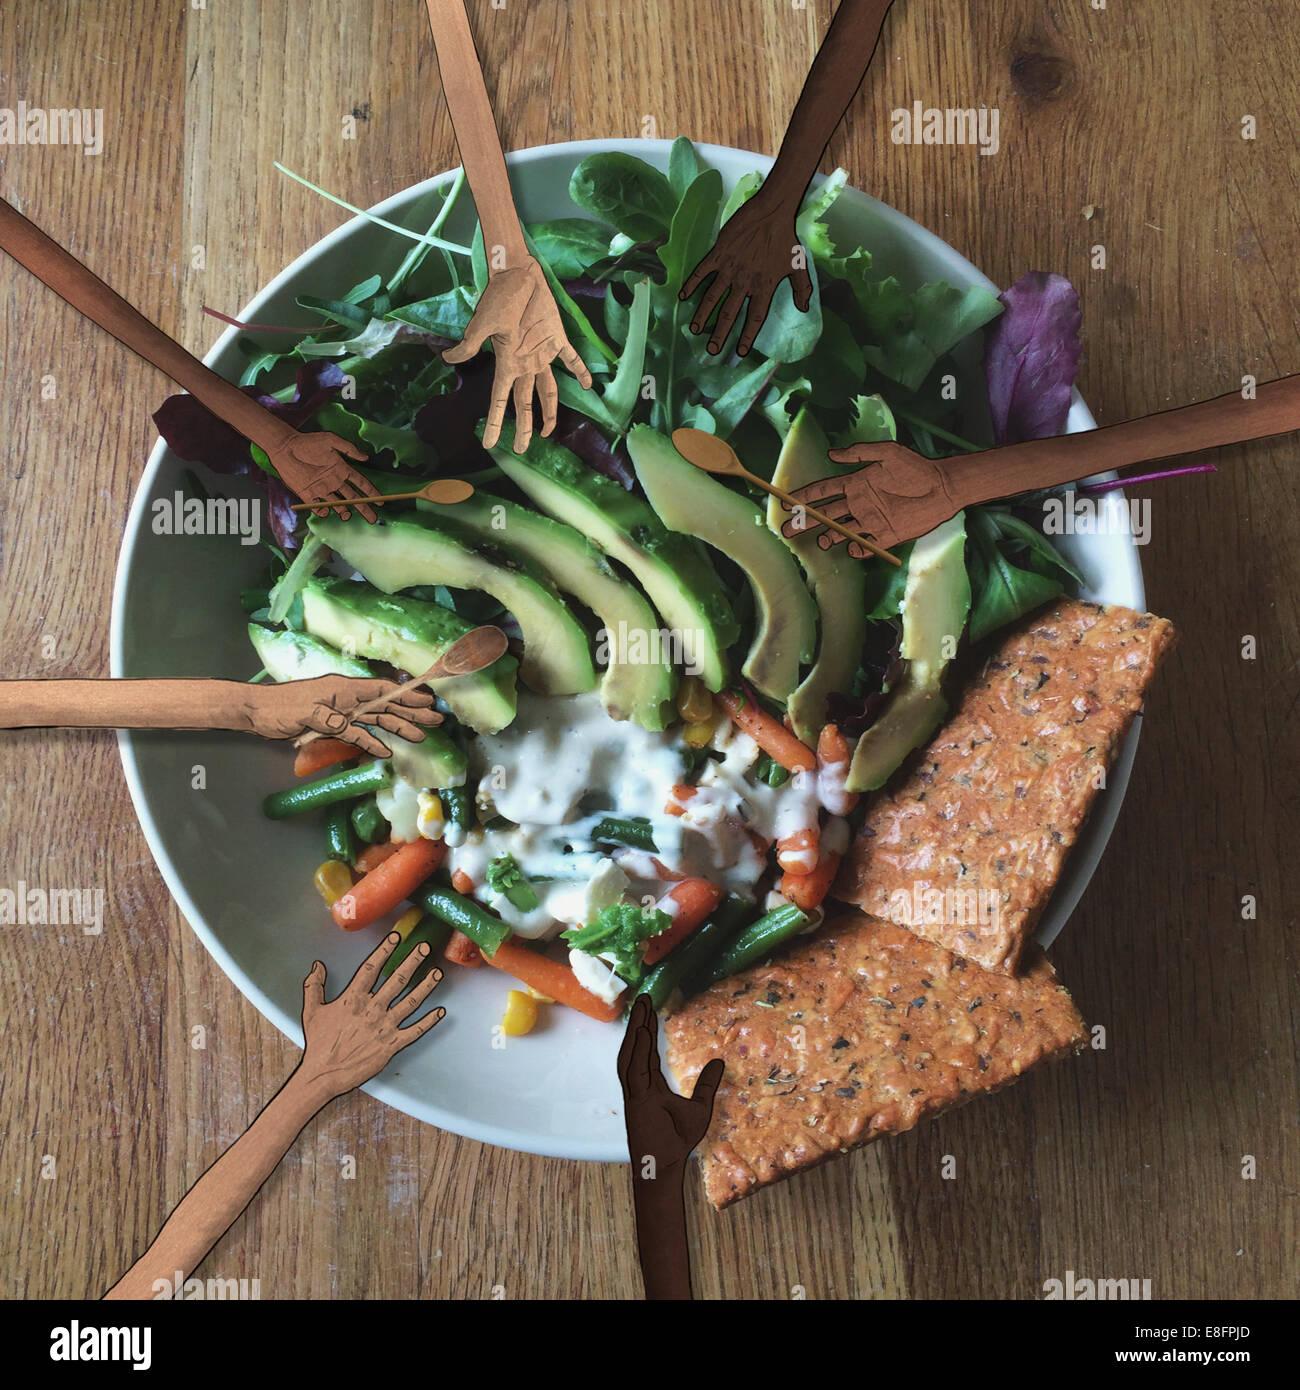 Las manos del hombre agarrando una ensalada saludable Imagen De Stock